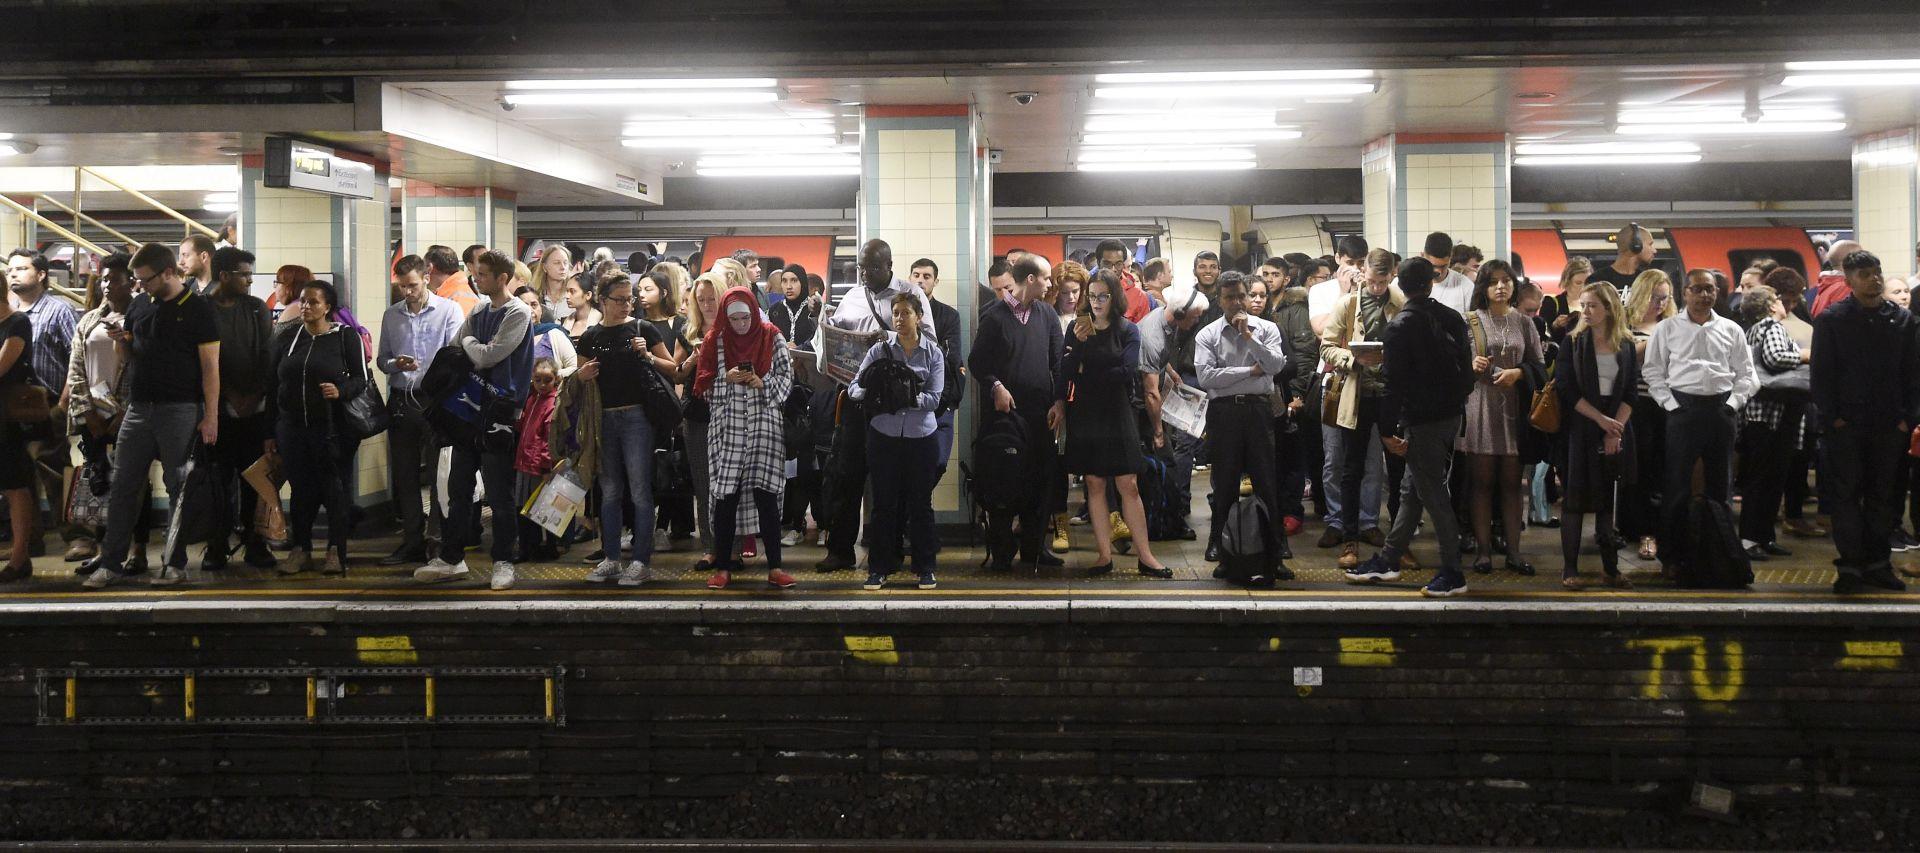 Londonska podzemna željeznica paralizirana štrajkom